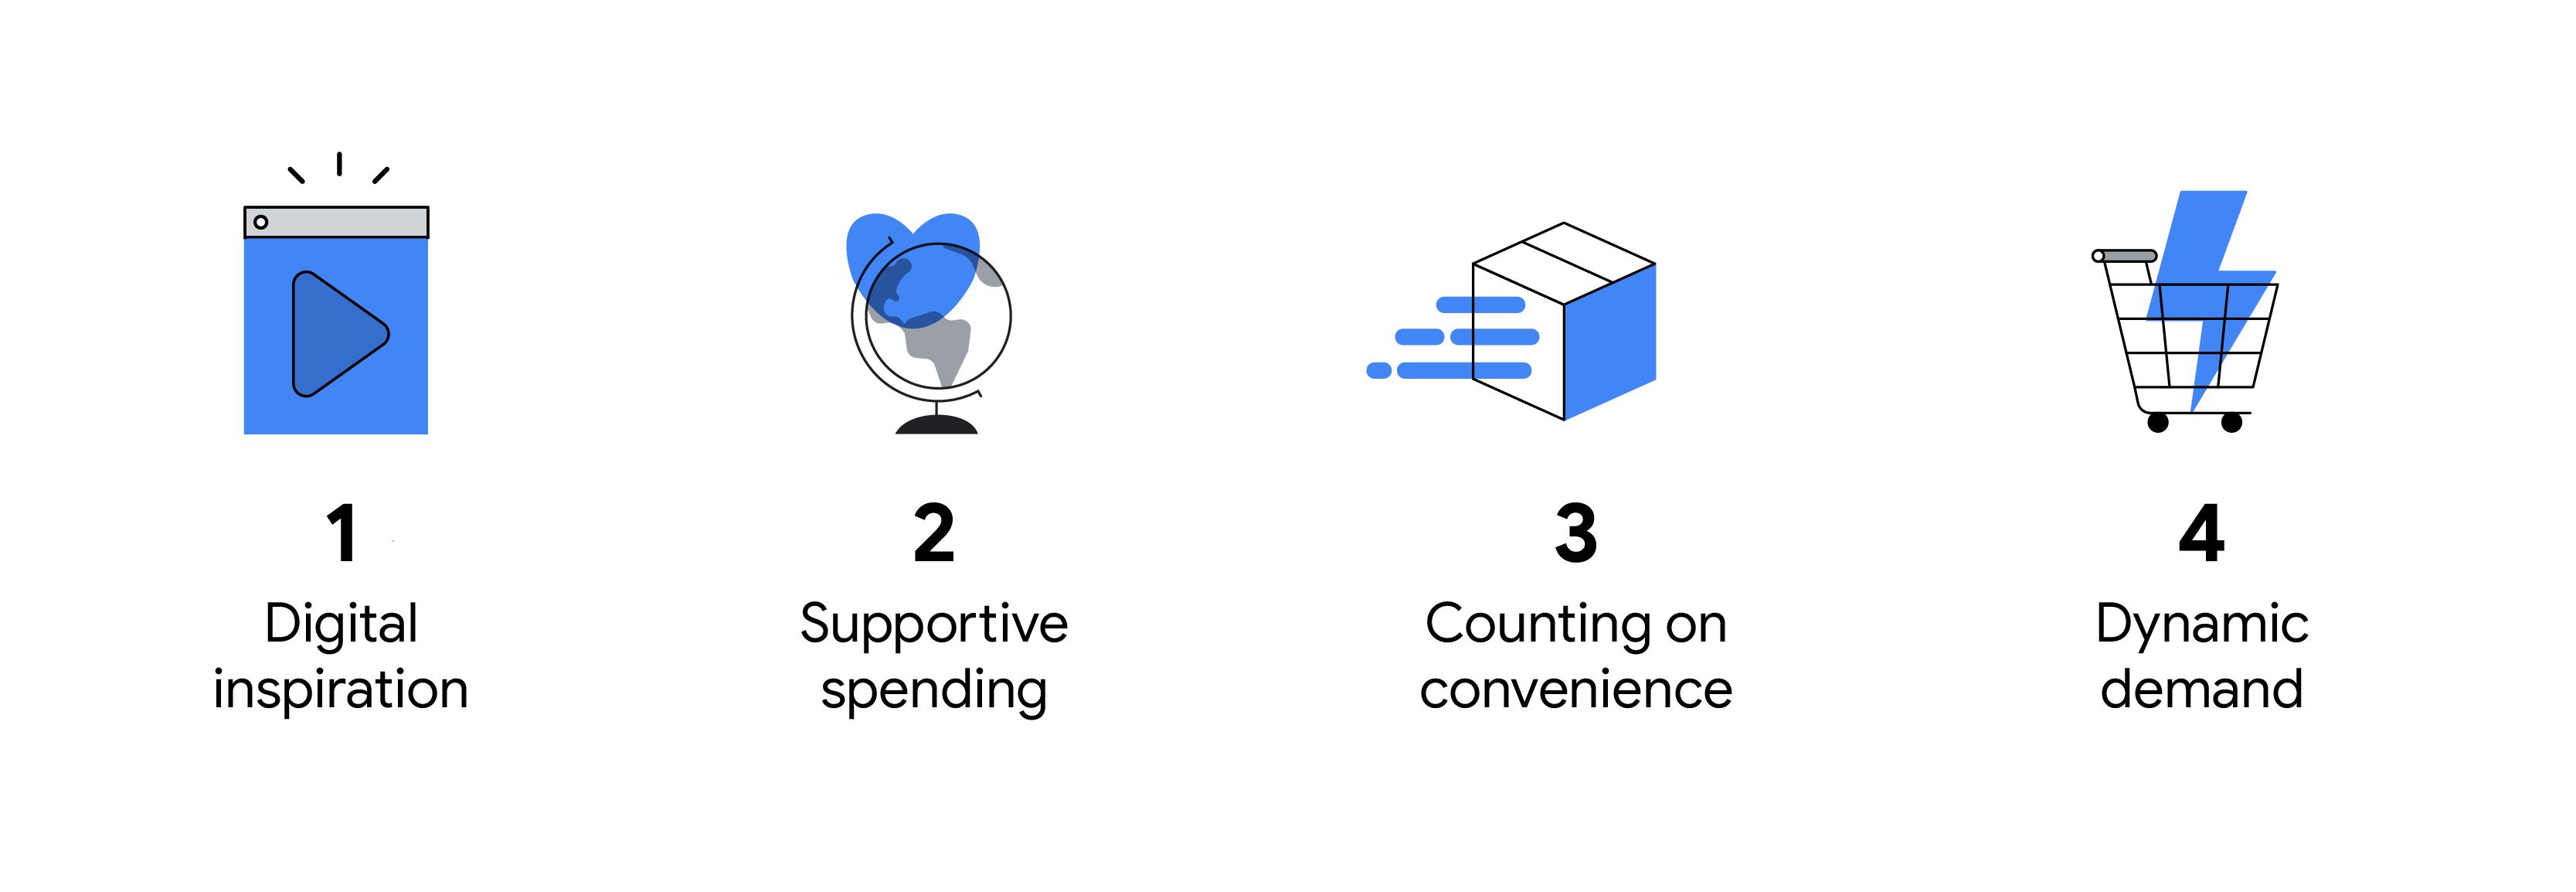 Ứng dụng video: 1 Cảm hứng kỹ thuật số. Trái tim lơ lửng trên toàn cầu: 2 Chi tiêu hỗ trợ. Hộp vận chuyển: 3 Tính tiện lợi. Giỏ hàng: 4 Nhu cầu động.